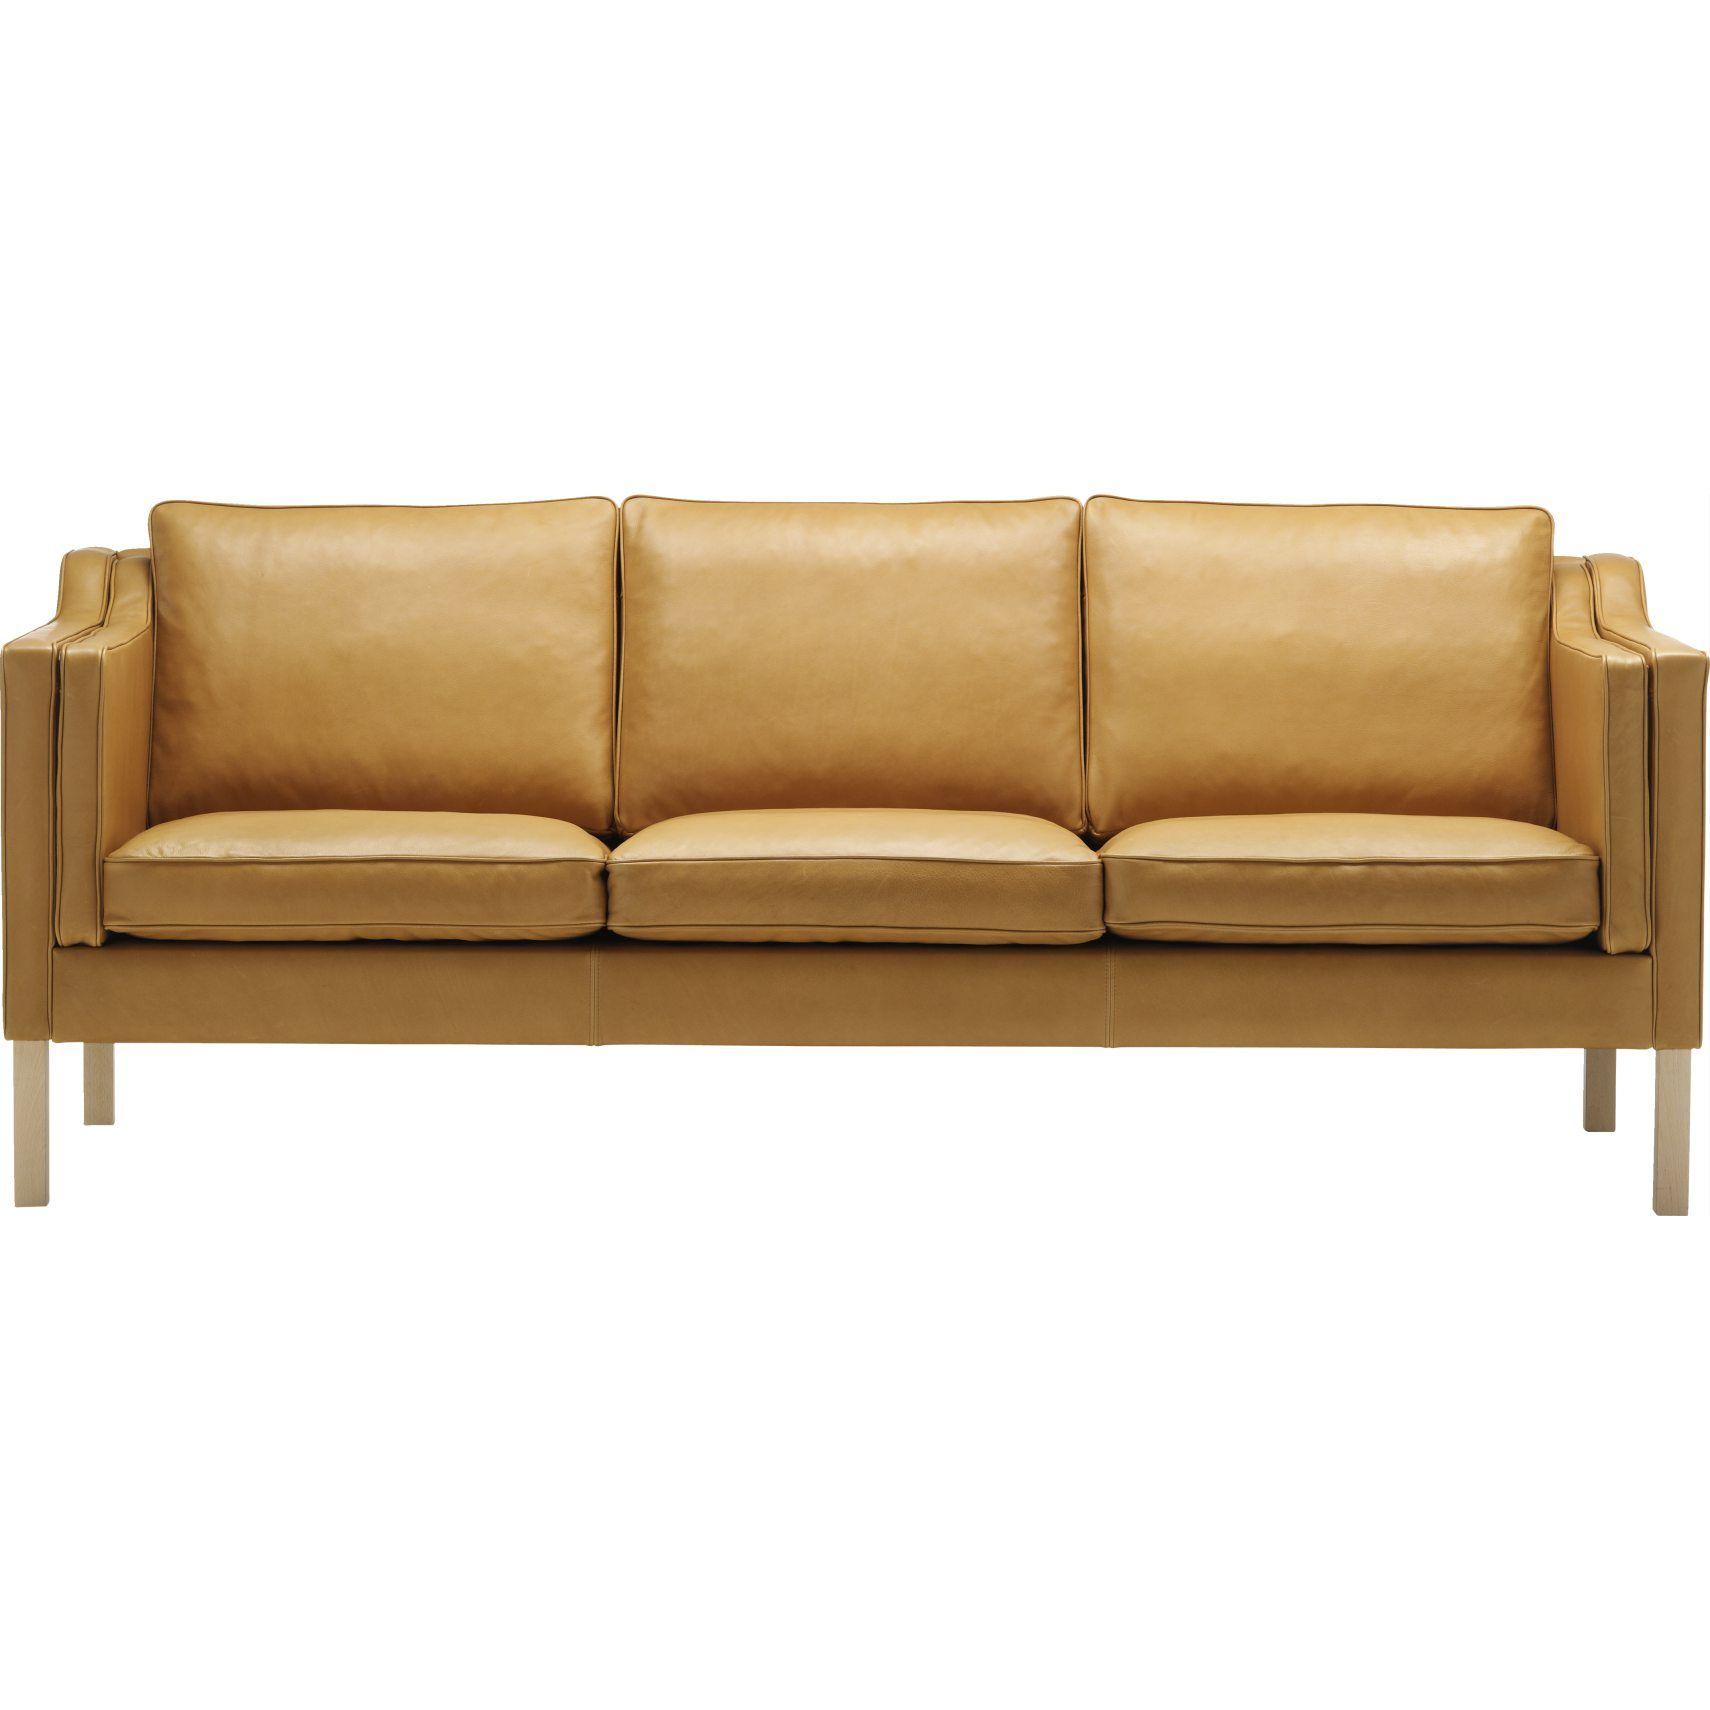 Andreas Engesviks sofa Tiki fra Fogia er like behagelig ¥ sitte